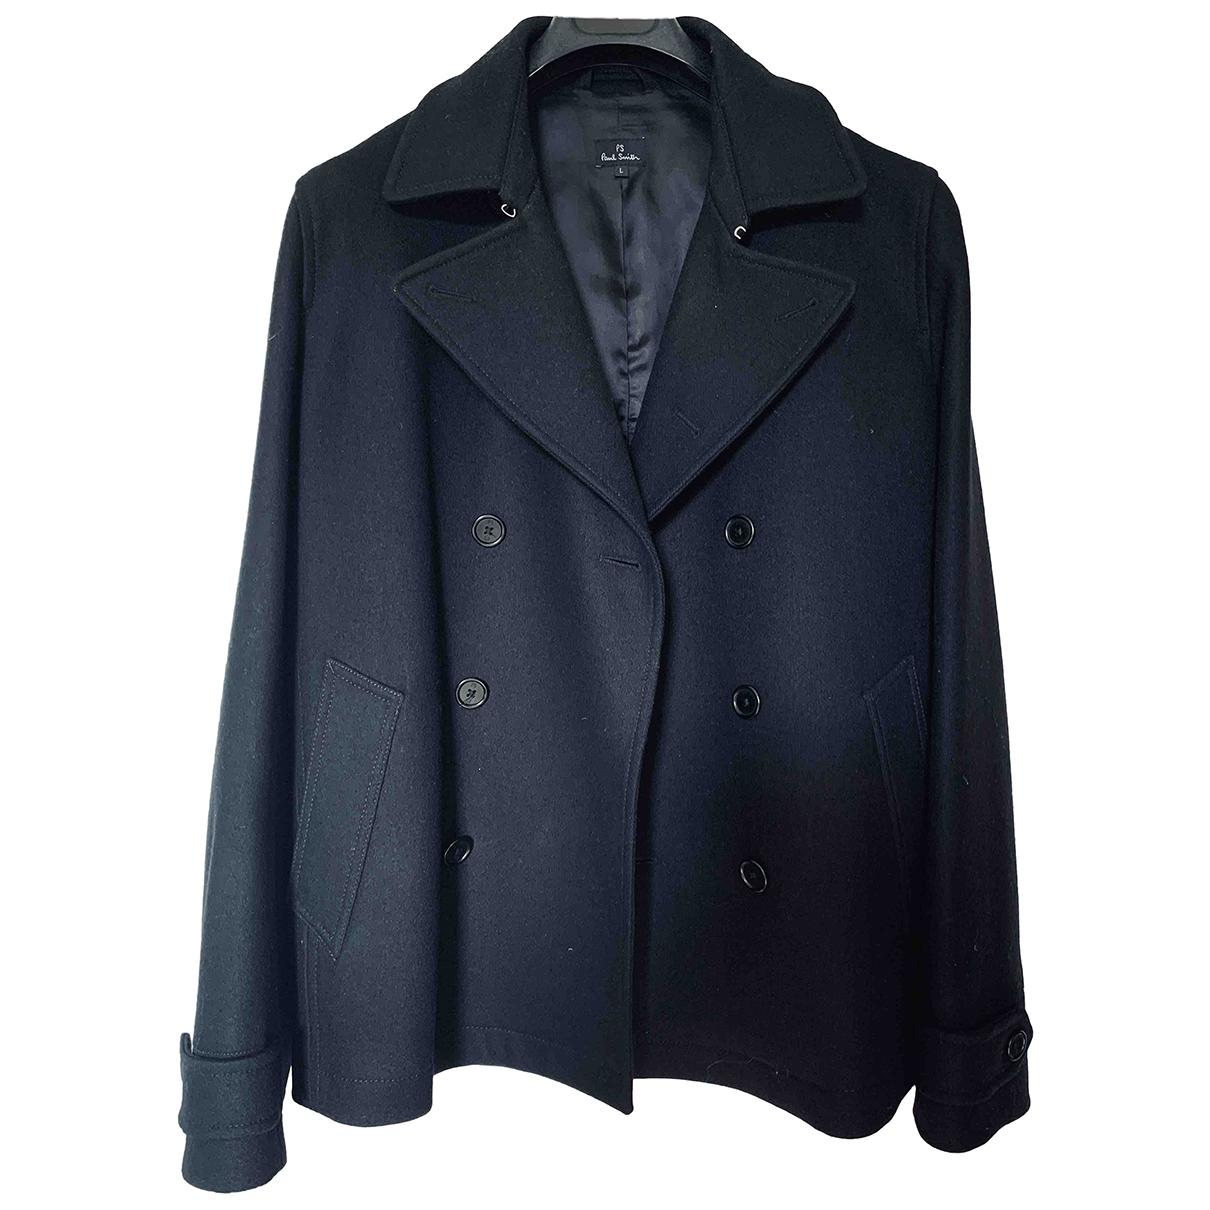 Paul Smith - Manteau   pour homme en laine - noir